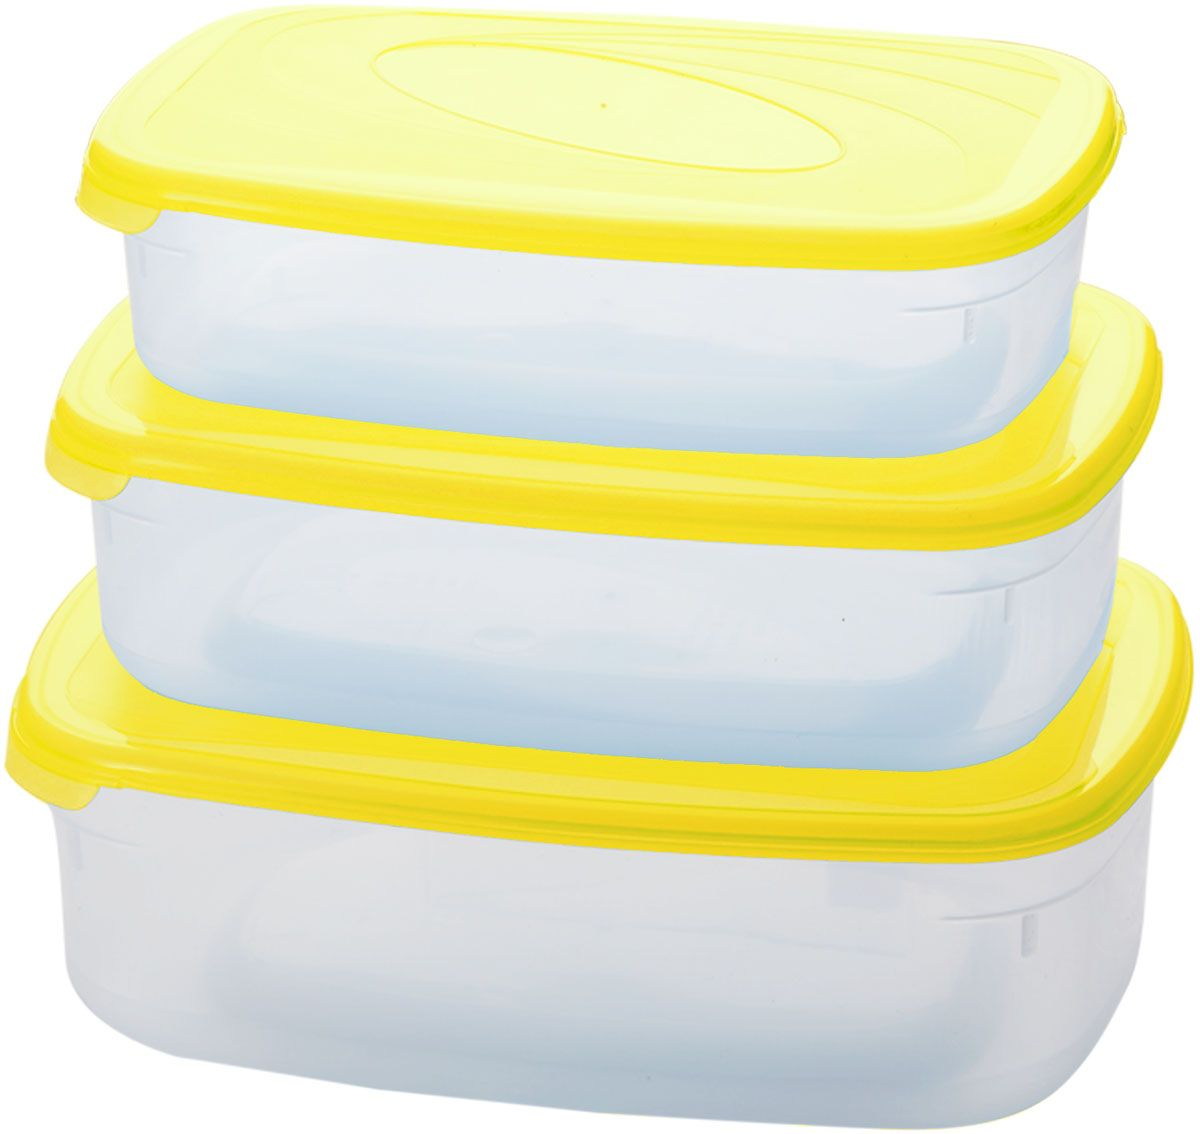 Комплект емкостей для СВЧ Plastic Centre Galaxy, цвет: желтый, прозрачный, 3 шт. ПЦ2234ЛМНПЦ2234ЛМНКомплект емкостей для СВЧ разных размеров многофункционального применения. Их можно применять как для хранения различных продуктов, так и для разогрева пищи, замораживания ягод и овощей в морозильной камере и т.п.При хранении продуктов емкости можно ставить одну на другую, сохраняя полезную площадь холодильника или морозильной камеры. Объем маленькой емкости: 750 мл. Объем средней емкости: 1,2 л. Объем большой емкости: 1,6 л.